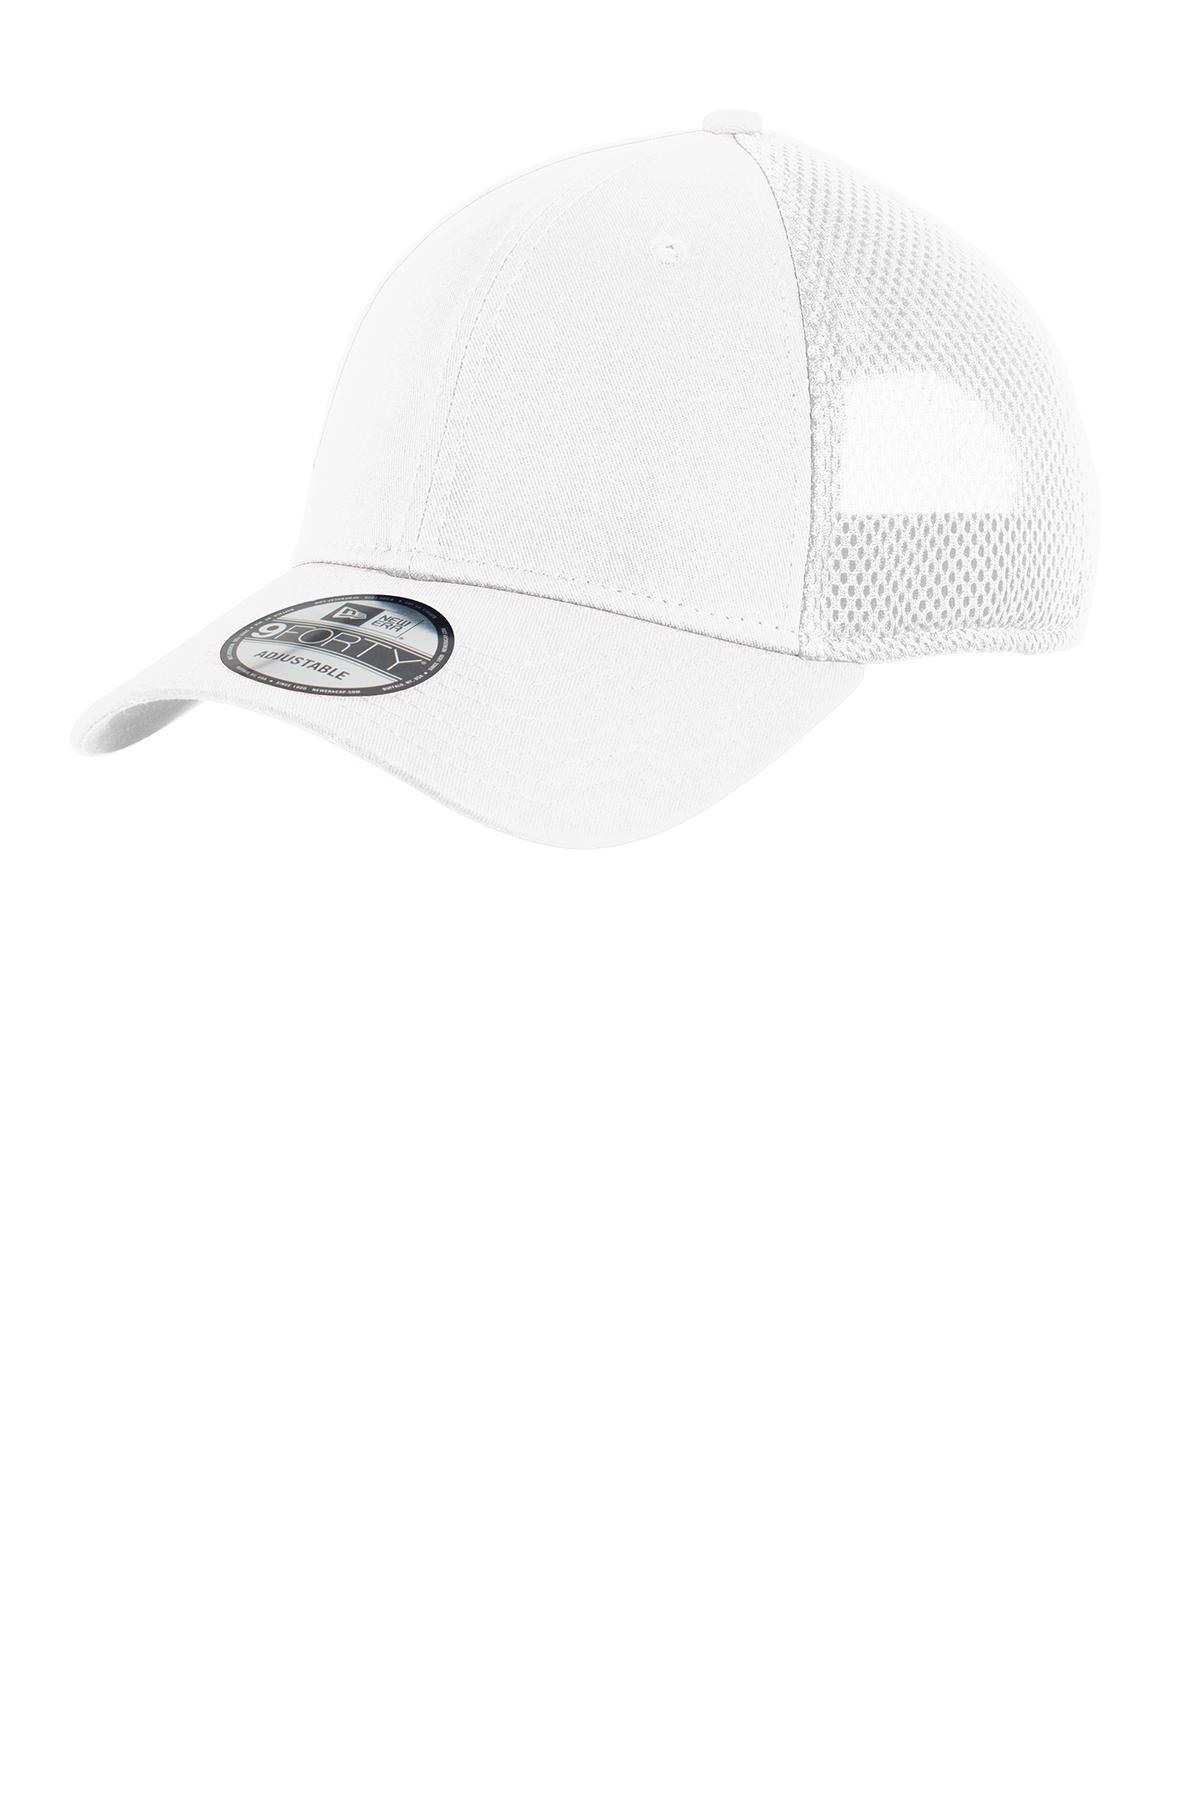 54010f43757e2 New Era® - Snapback Contrast Front Mesh Cap